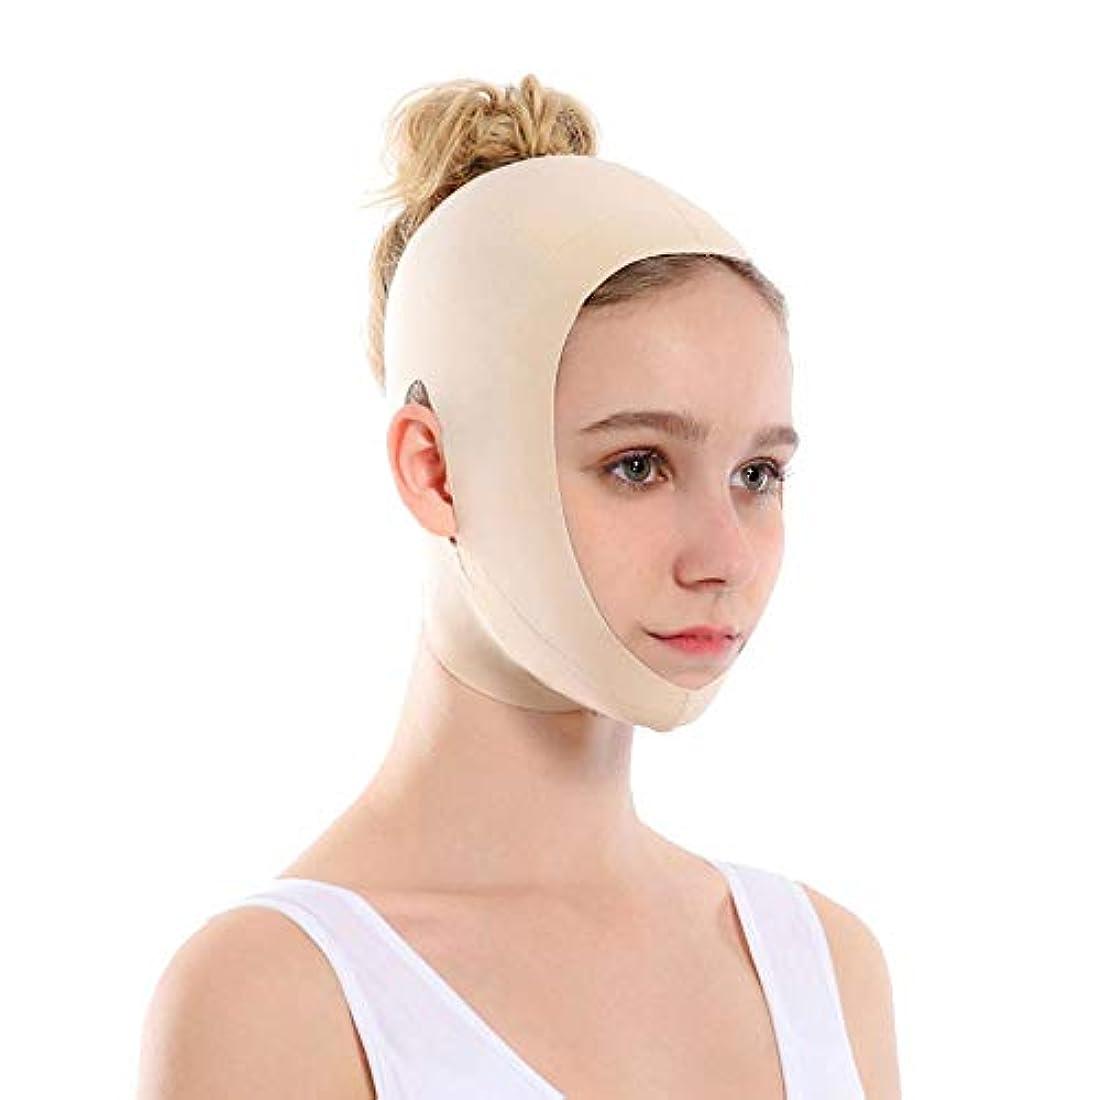 かかわらずすなわち生Jia Jia- 顔を持ち上げるアーティファクトVフェイス包帯リフティング引き締め睡眠薄い顔を整形持ち上げる顔を二重あご矯正 - 肌の色 顔面包帯